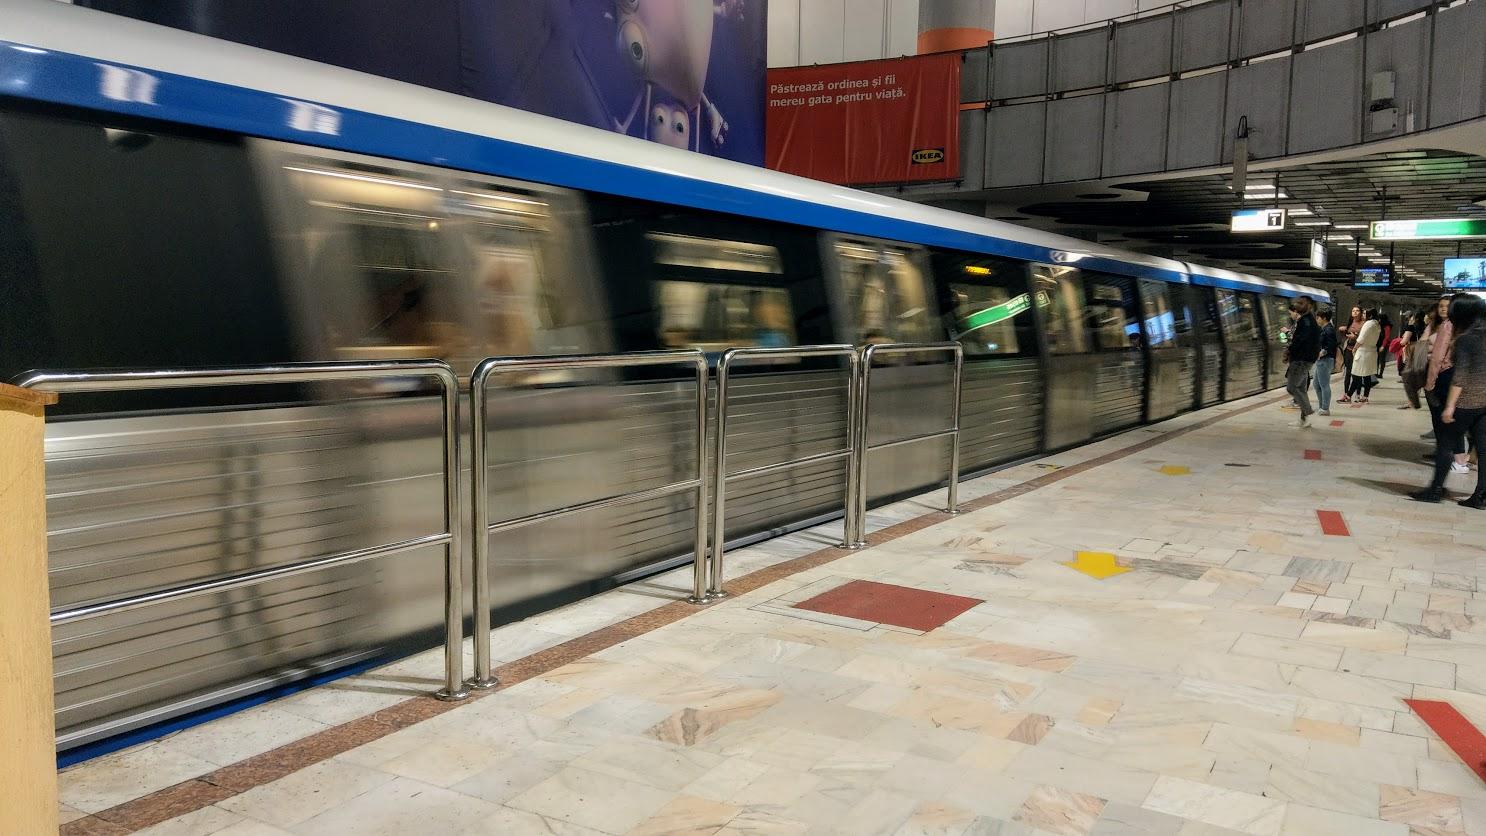 Metrourile sunt luate la puricat sursa foto: hotnews.ro